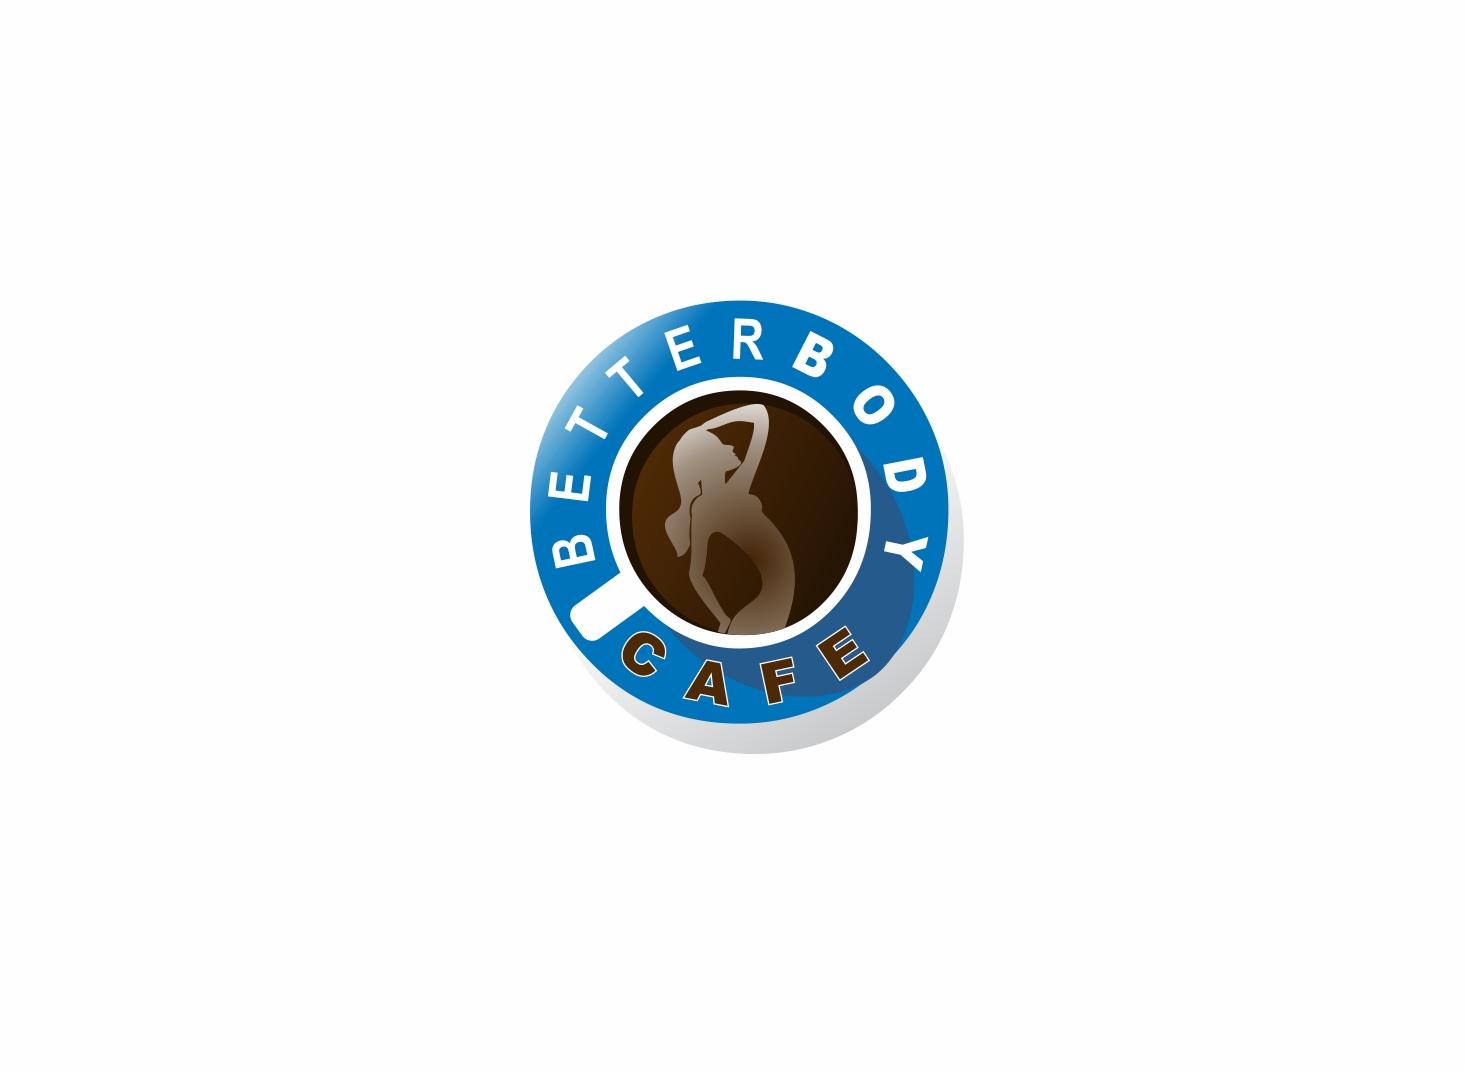 Logo Design by Zdravko Krulj - Entry No. 71 in the Logo Design Contest New Logo Design for Better Body Cafe.